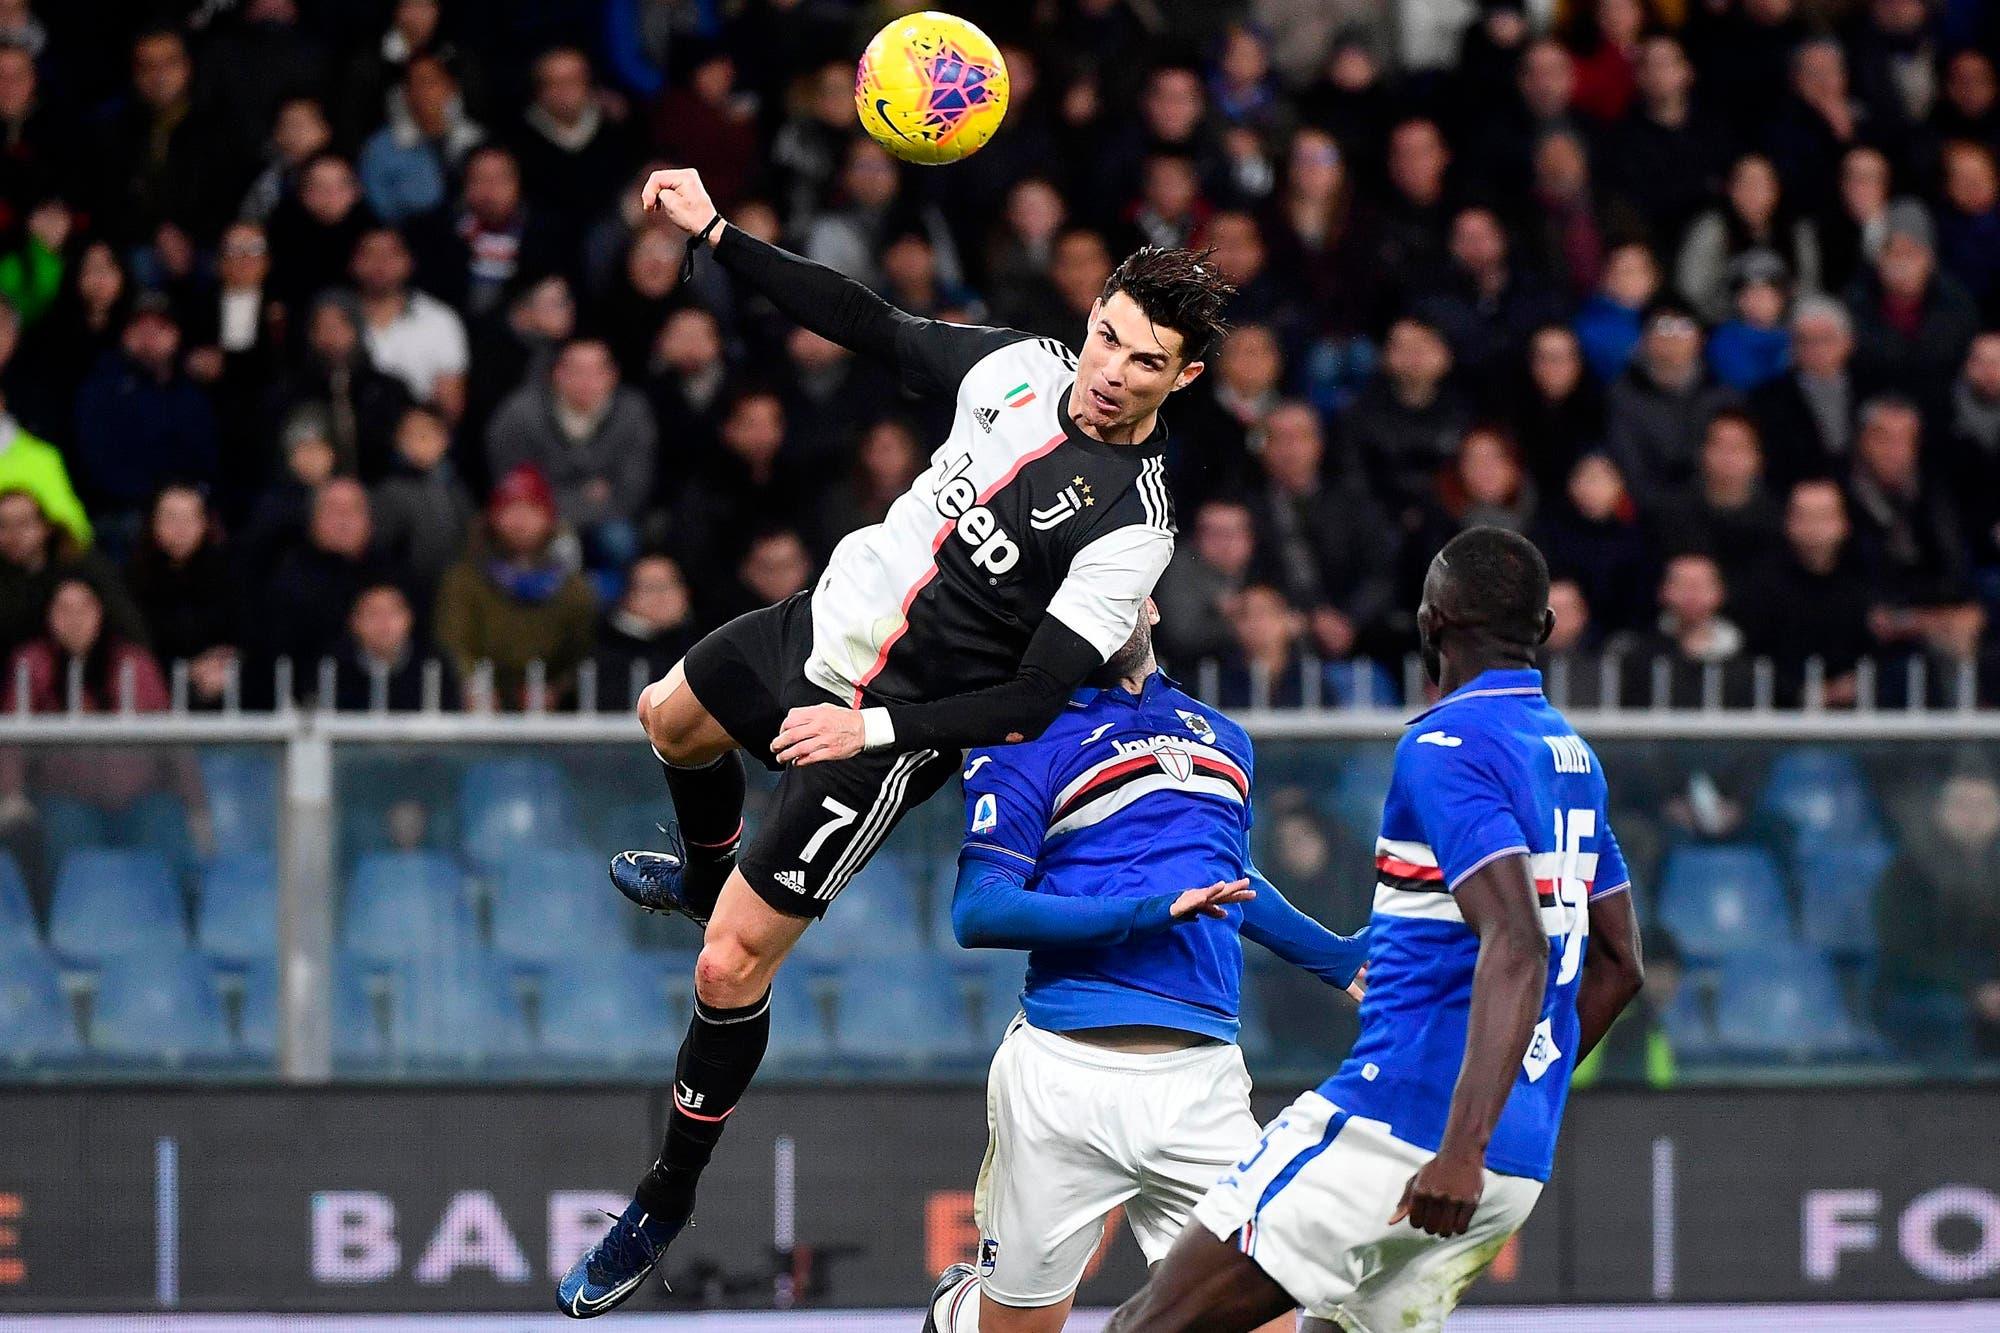 El salto del gol de Cristiano Ronaldo que desafió la ley de gravedad: 2,56 metros